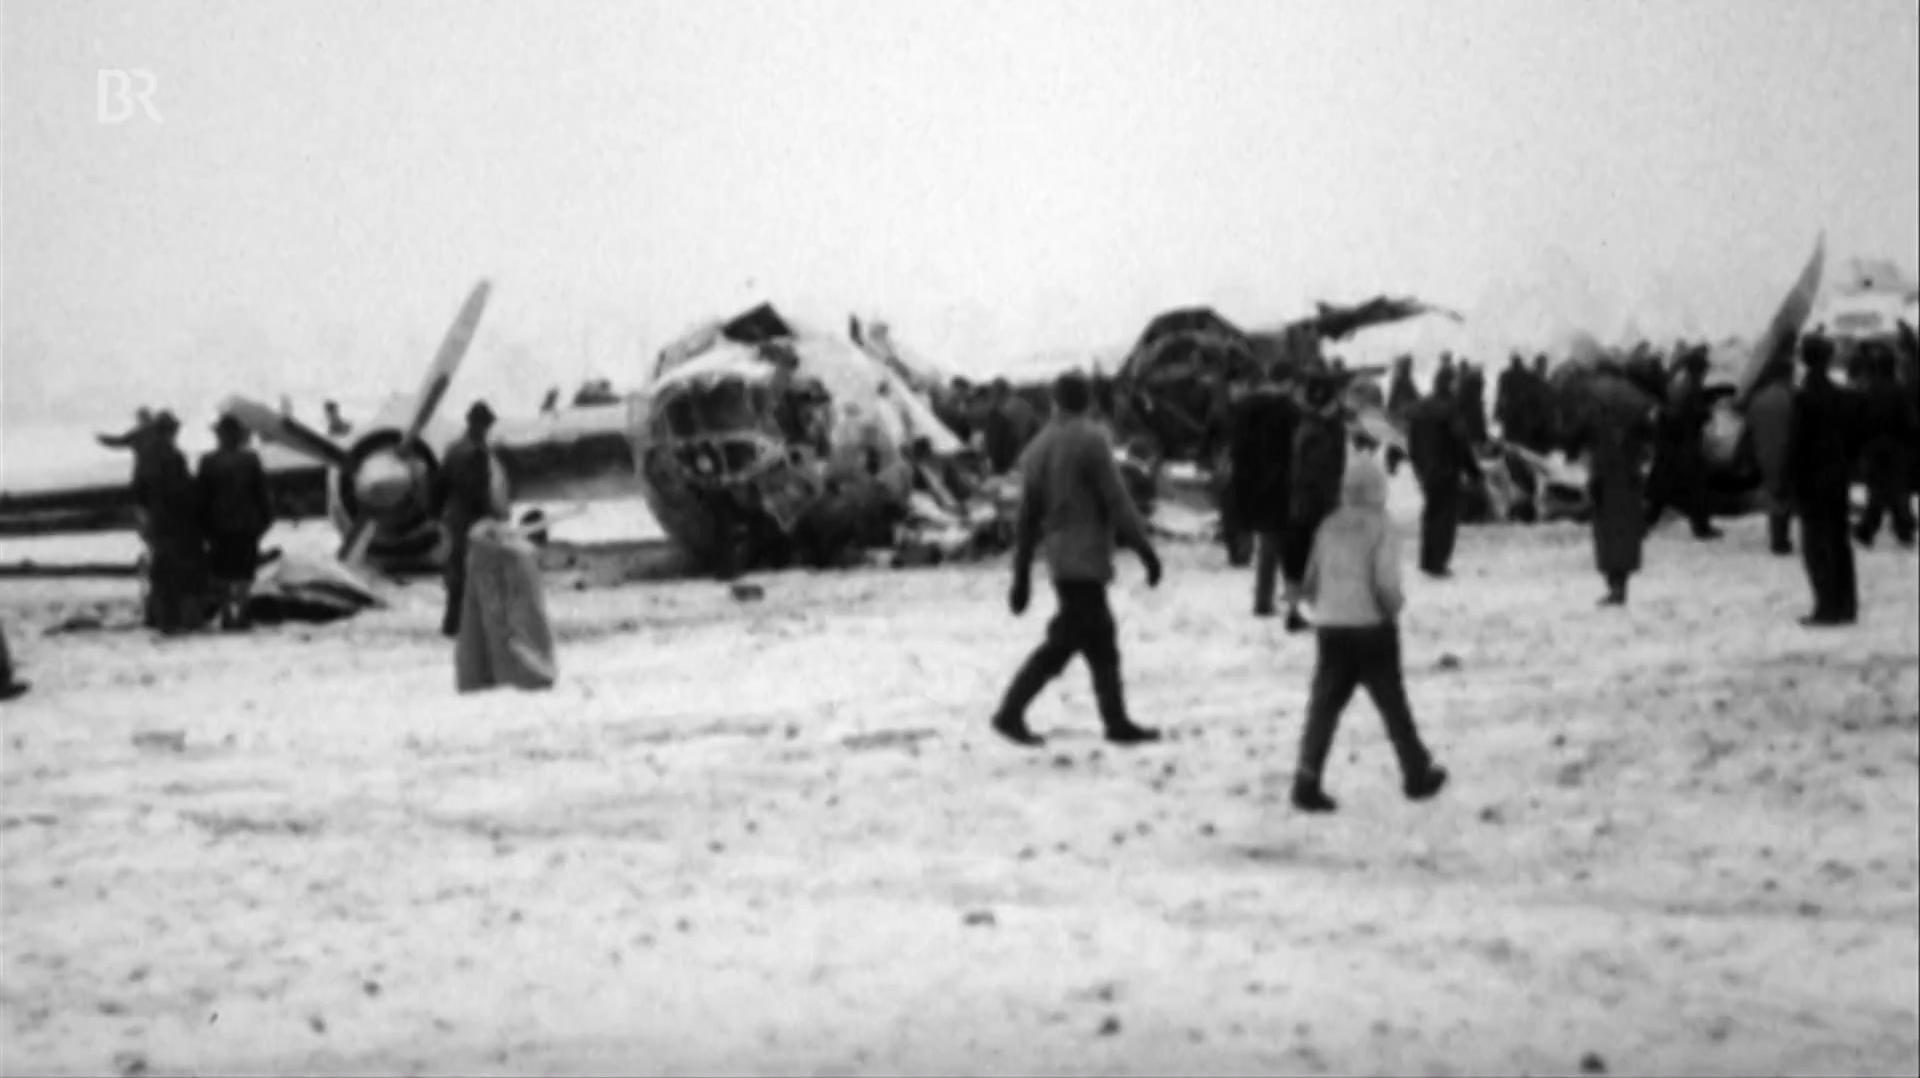 Flugzeugabsturz in München : Schwarzer Tag für Manchester United